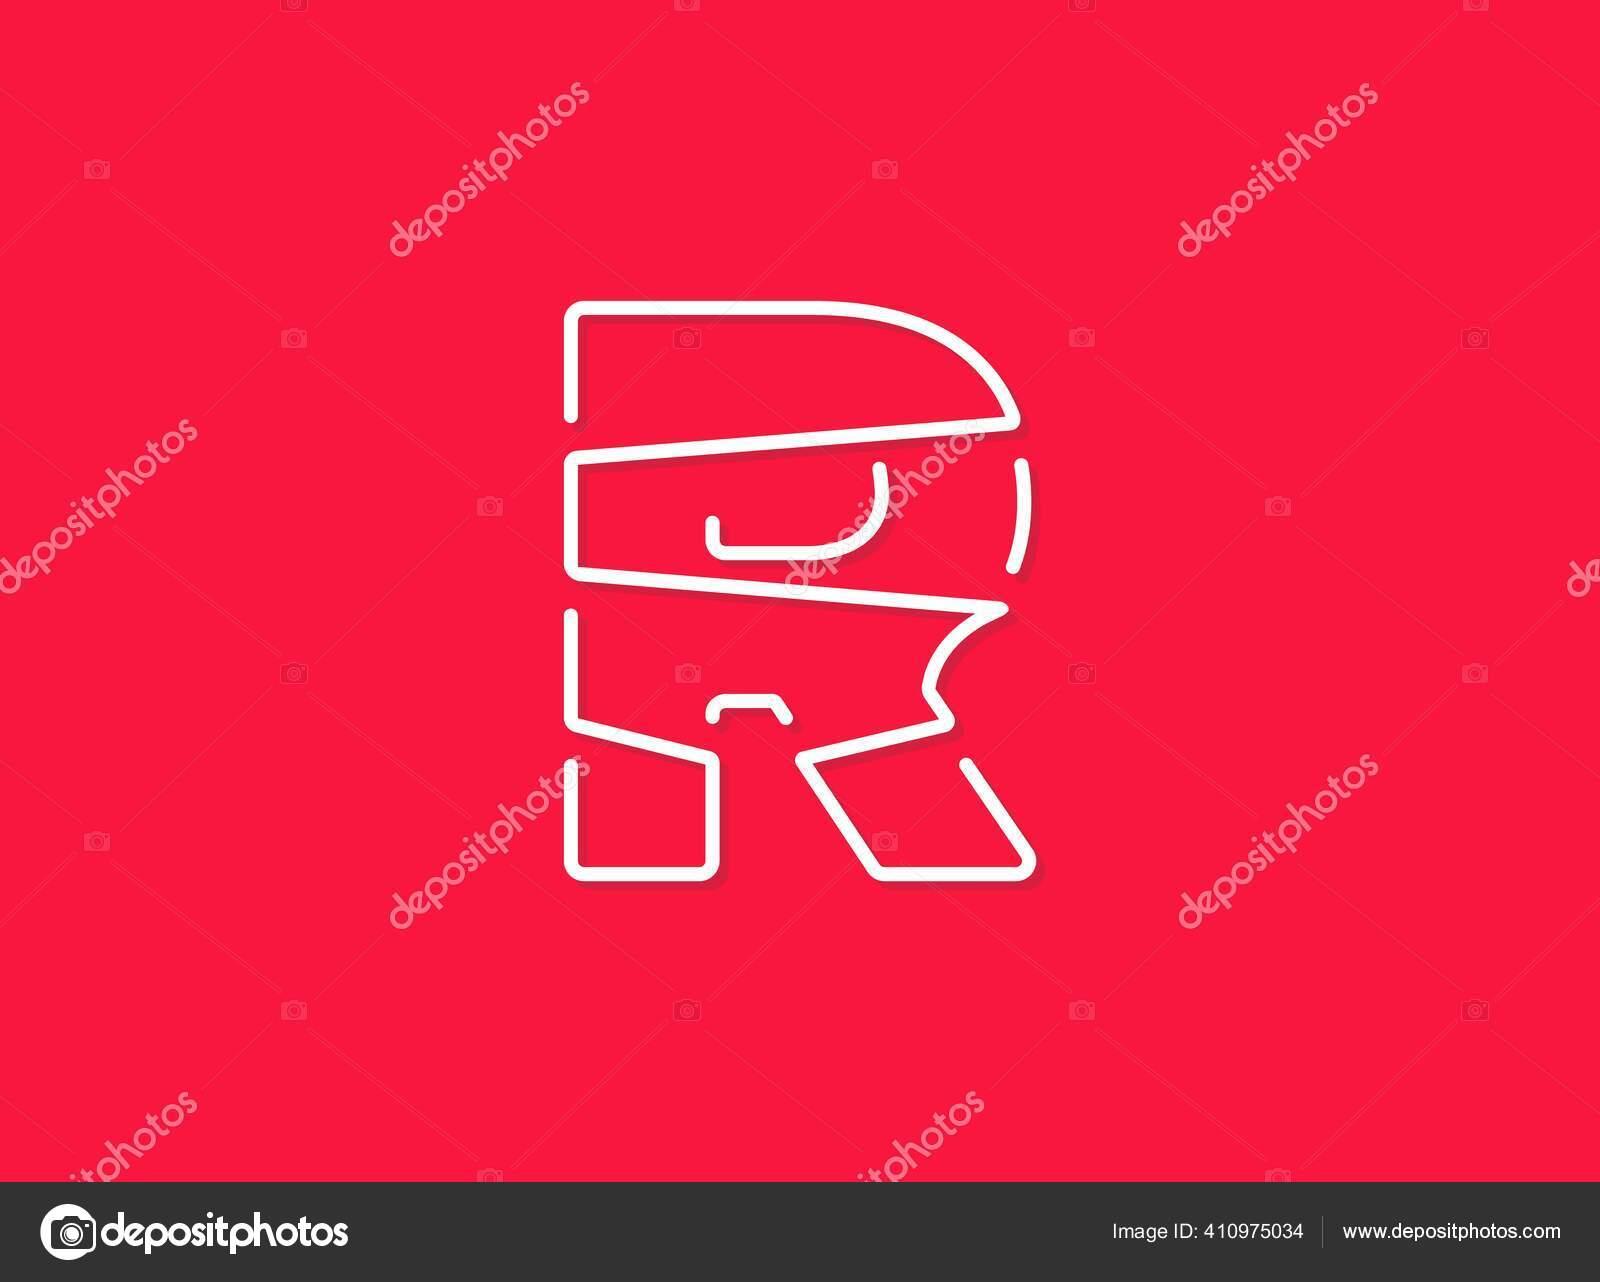 Huruf Modern Trendi Desing Garis Kontinu Font Yang Unik Ilustrasi Stok Vektor C Akpinaart 410975034